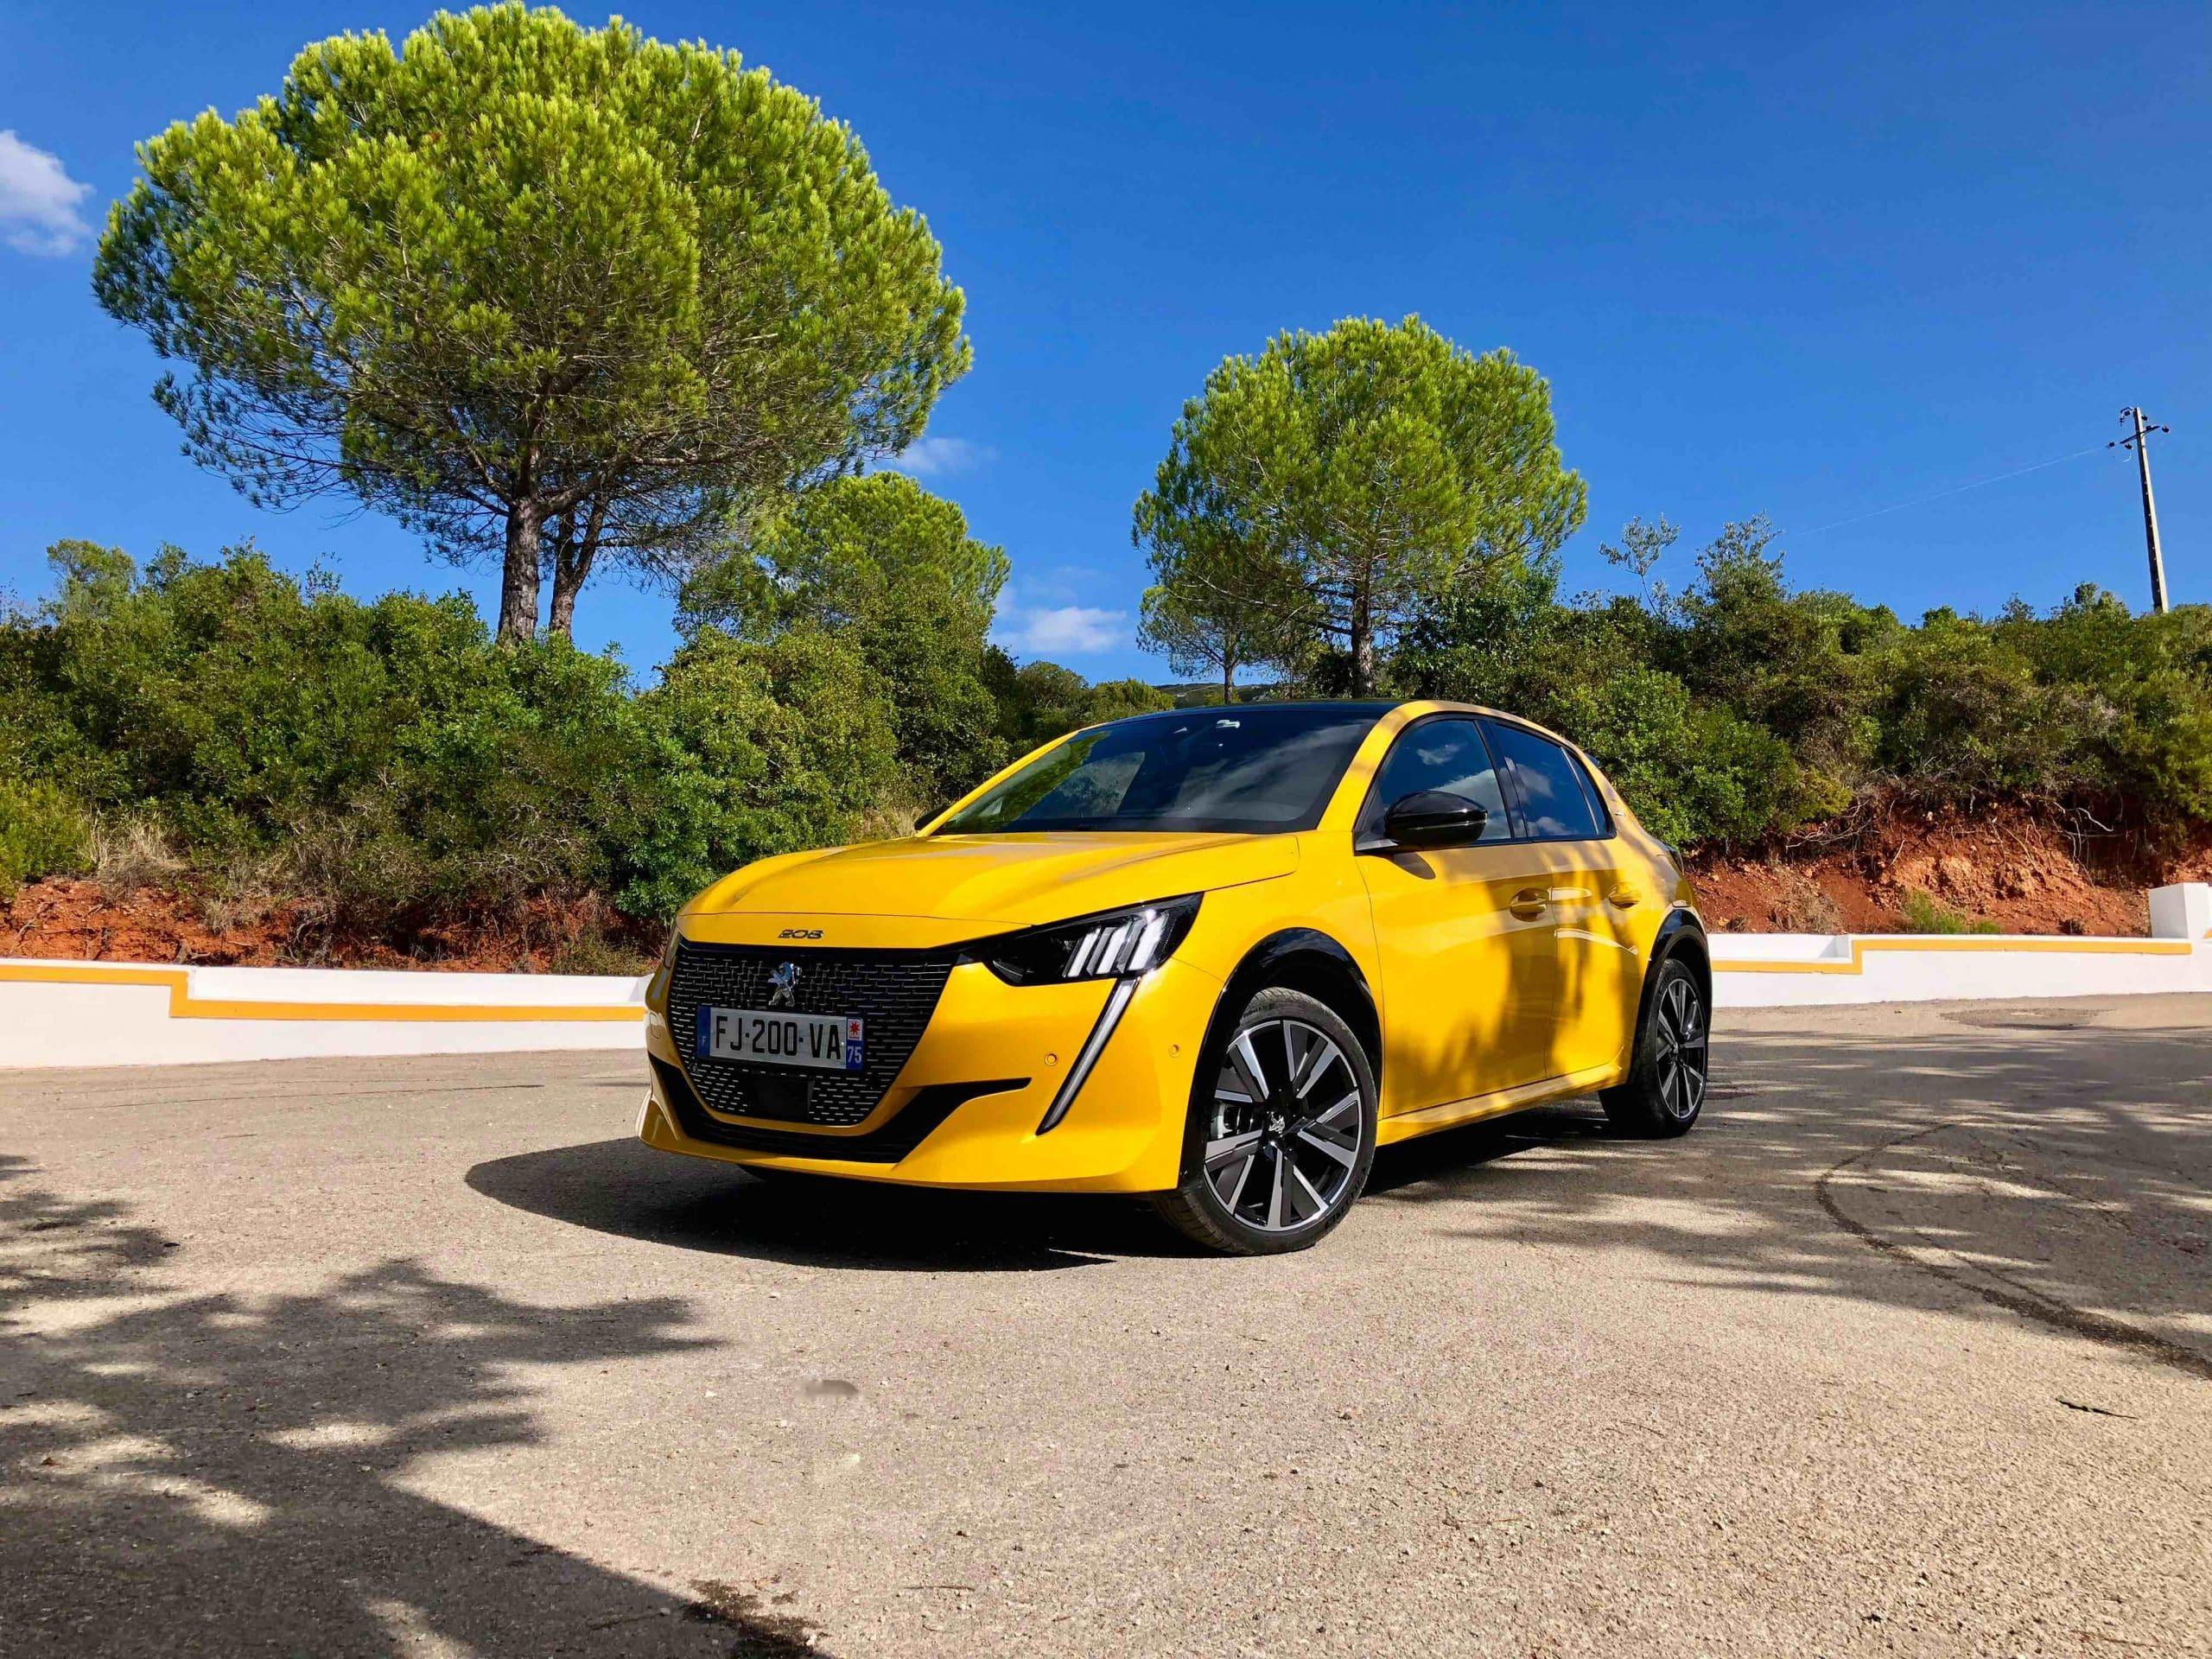 Essai complet de la nouvelle Peugeot 208